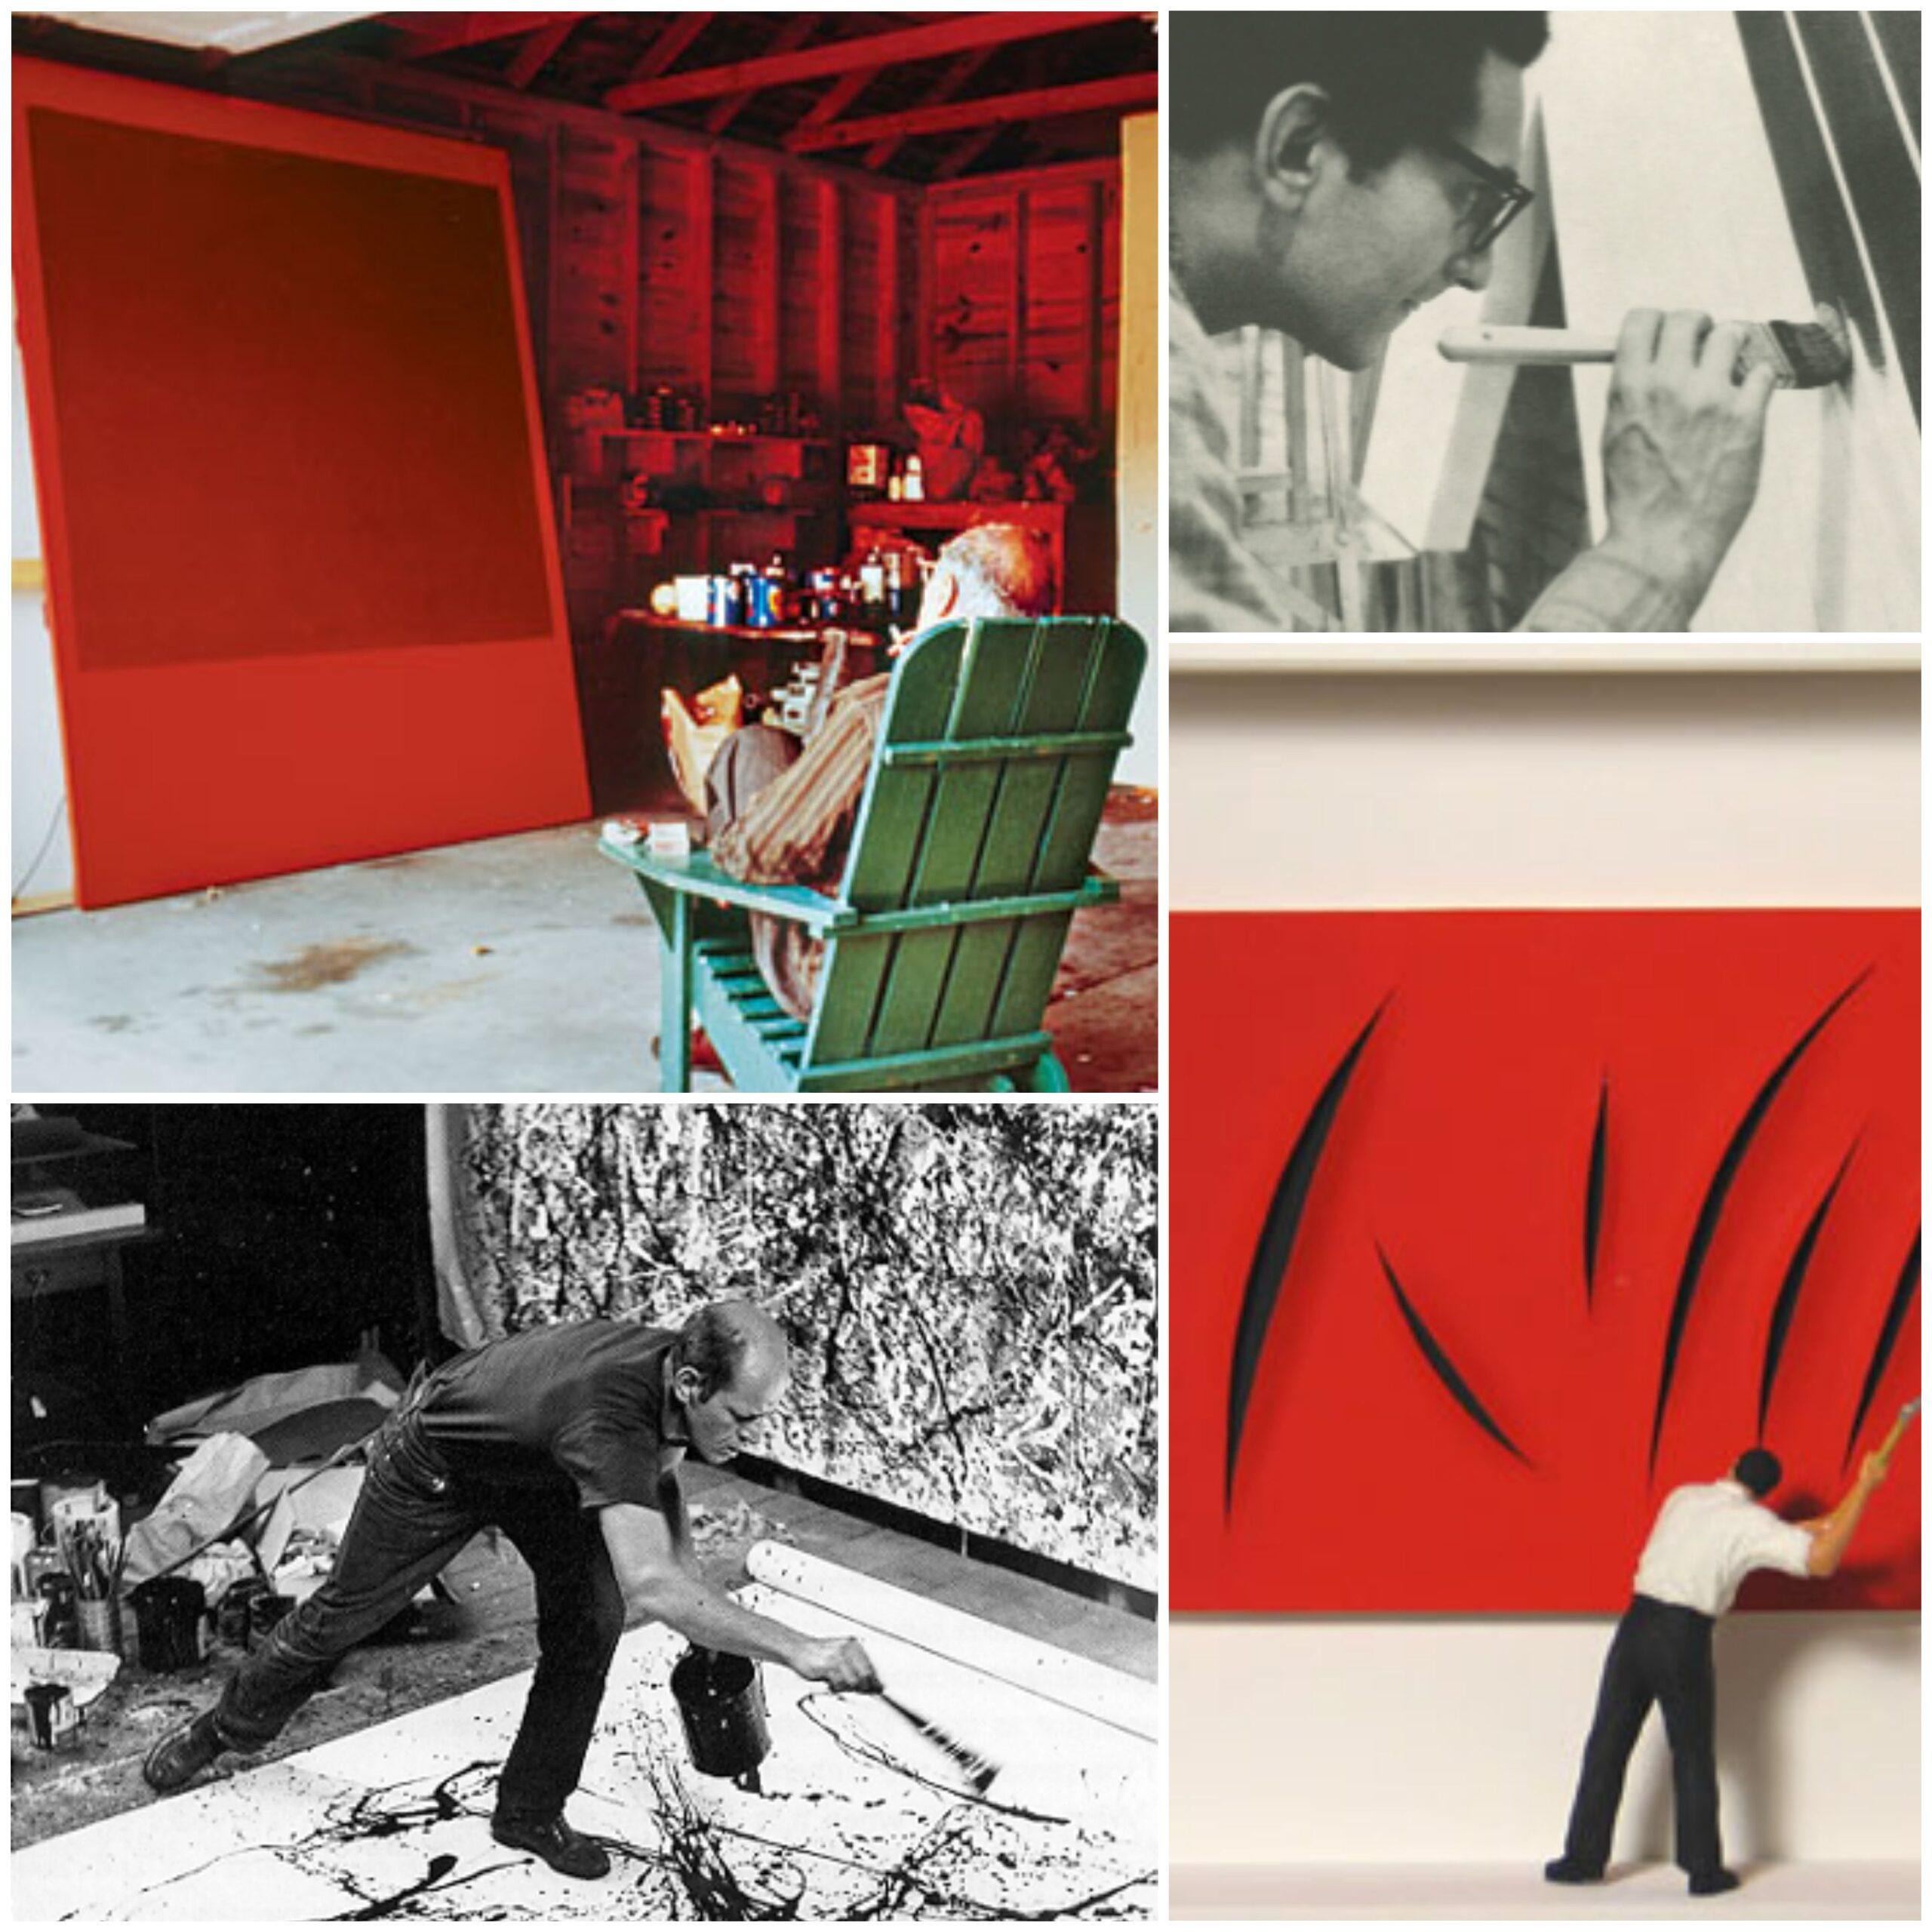 Irányzatok és művészetfelfogások az 1945 utáni művészetben – 1. rész